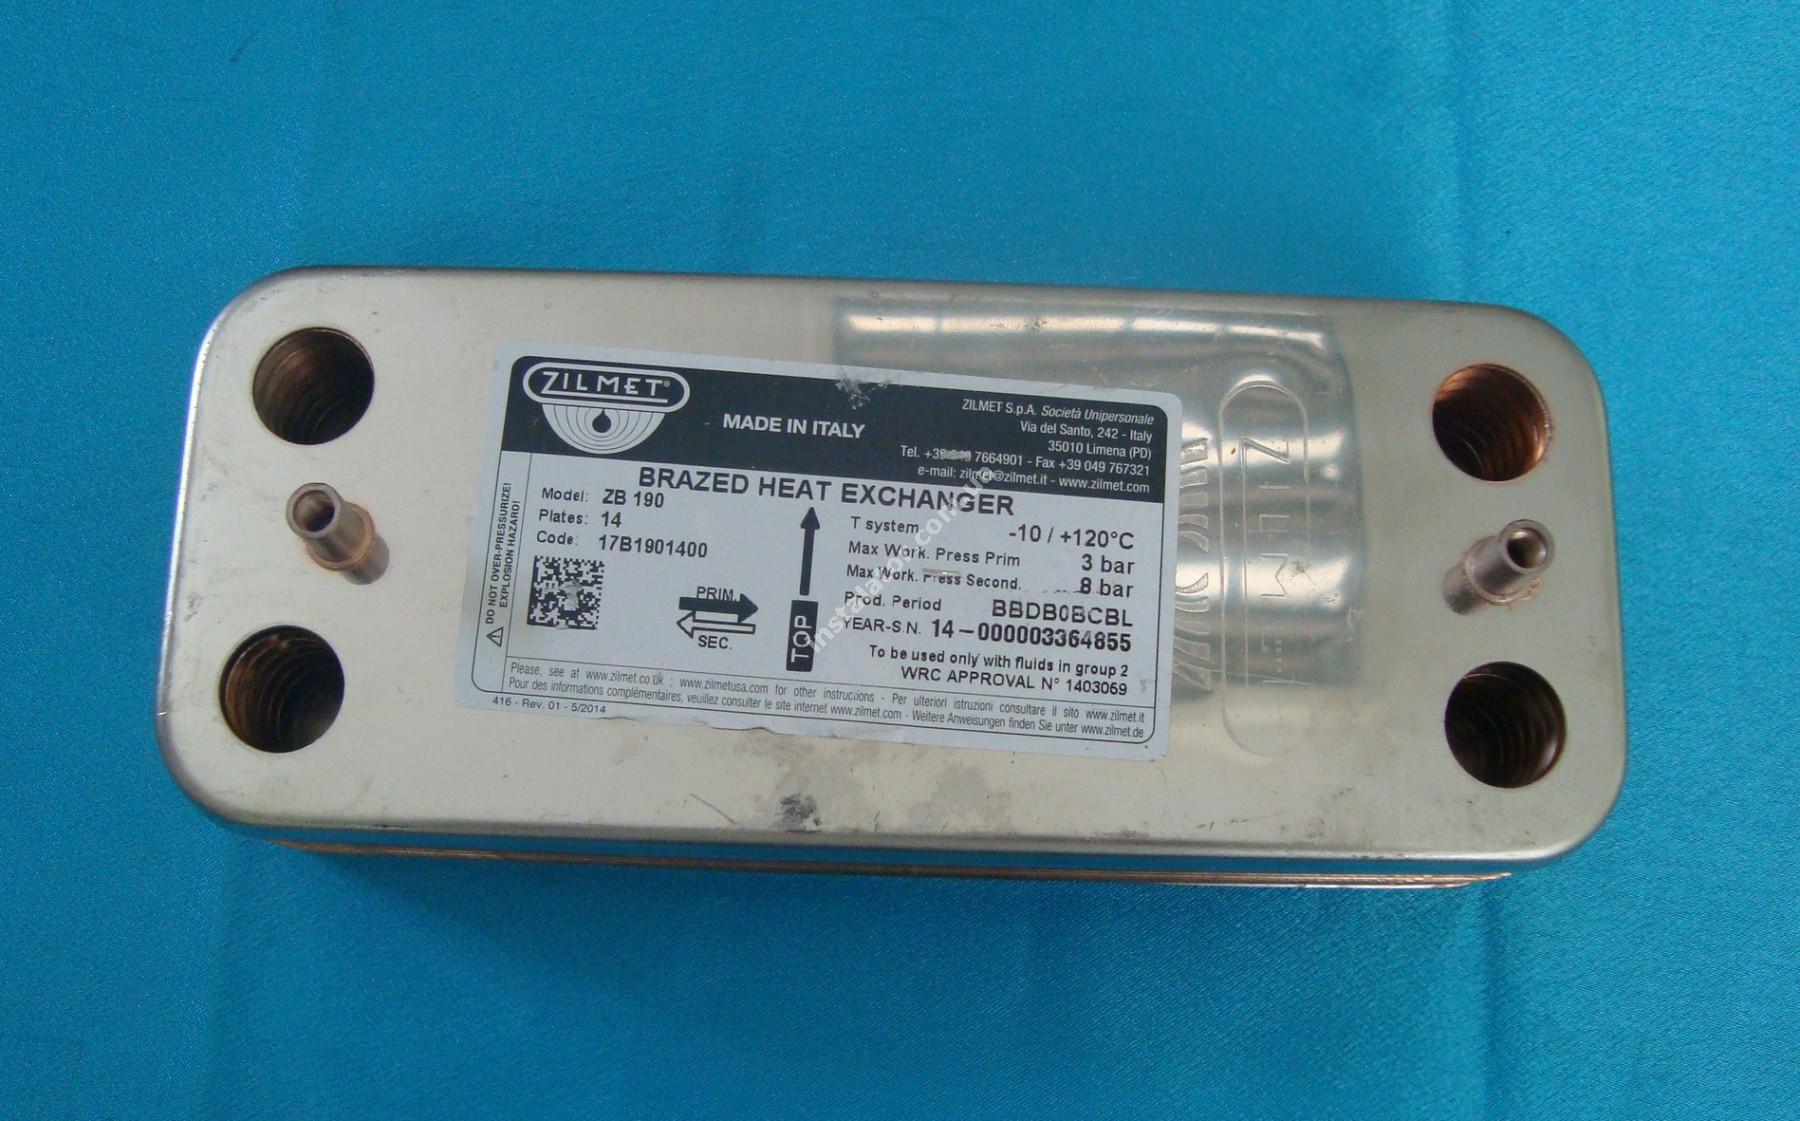 17B1901400 Теплообмінник вторинний (ГВП) 14 пластин ZILMET full-image-0